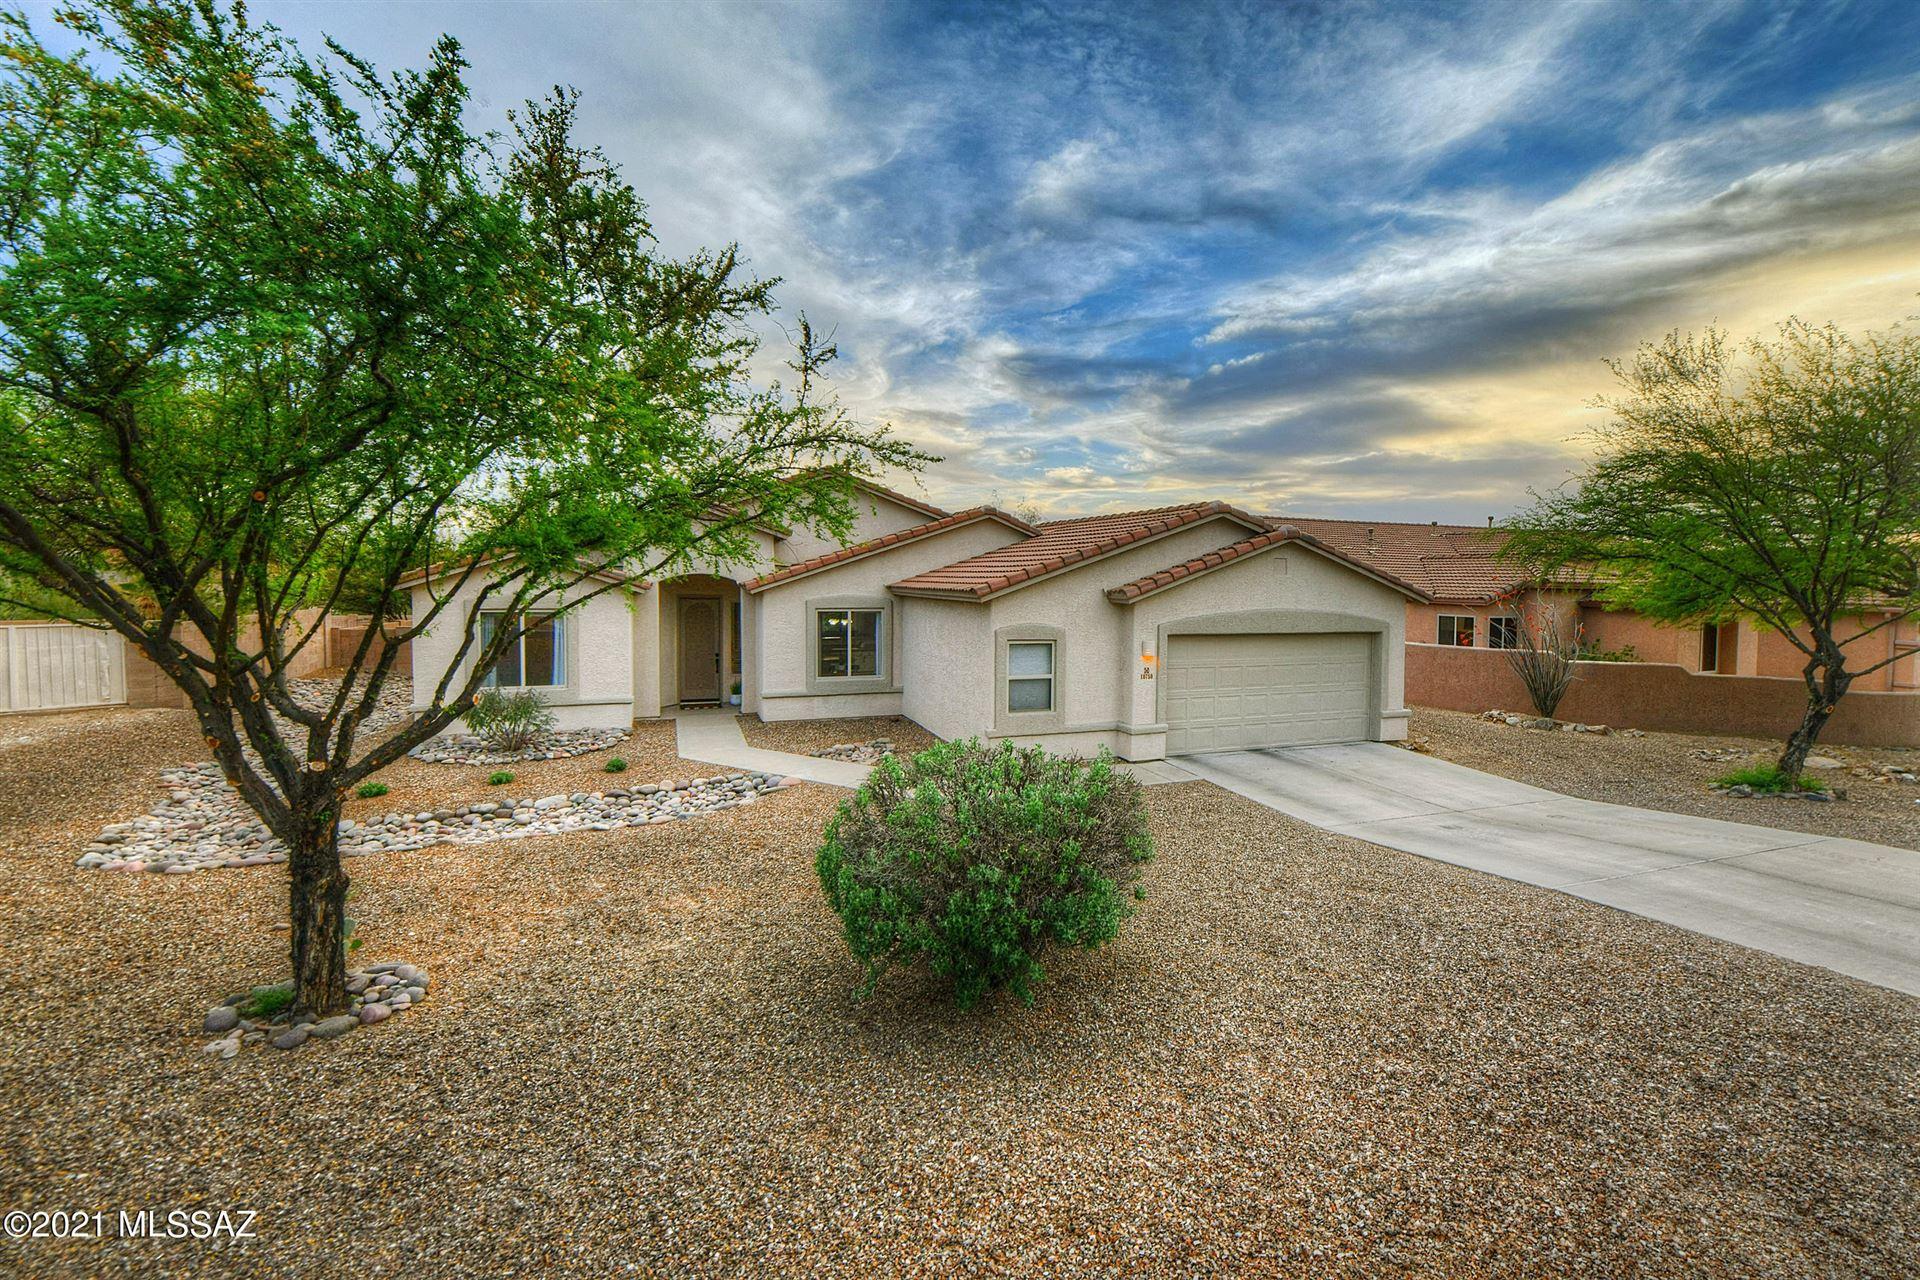 10750 E Placita Guajira, Tucson, AZ 85730 - MLS#: 22110088